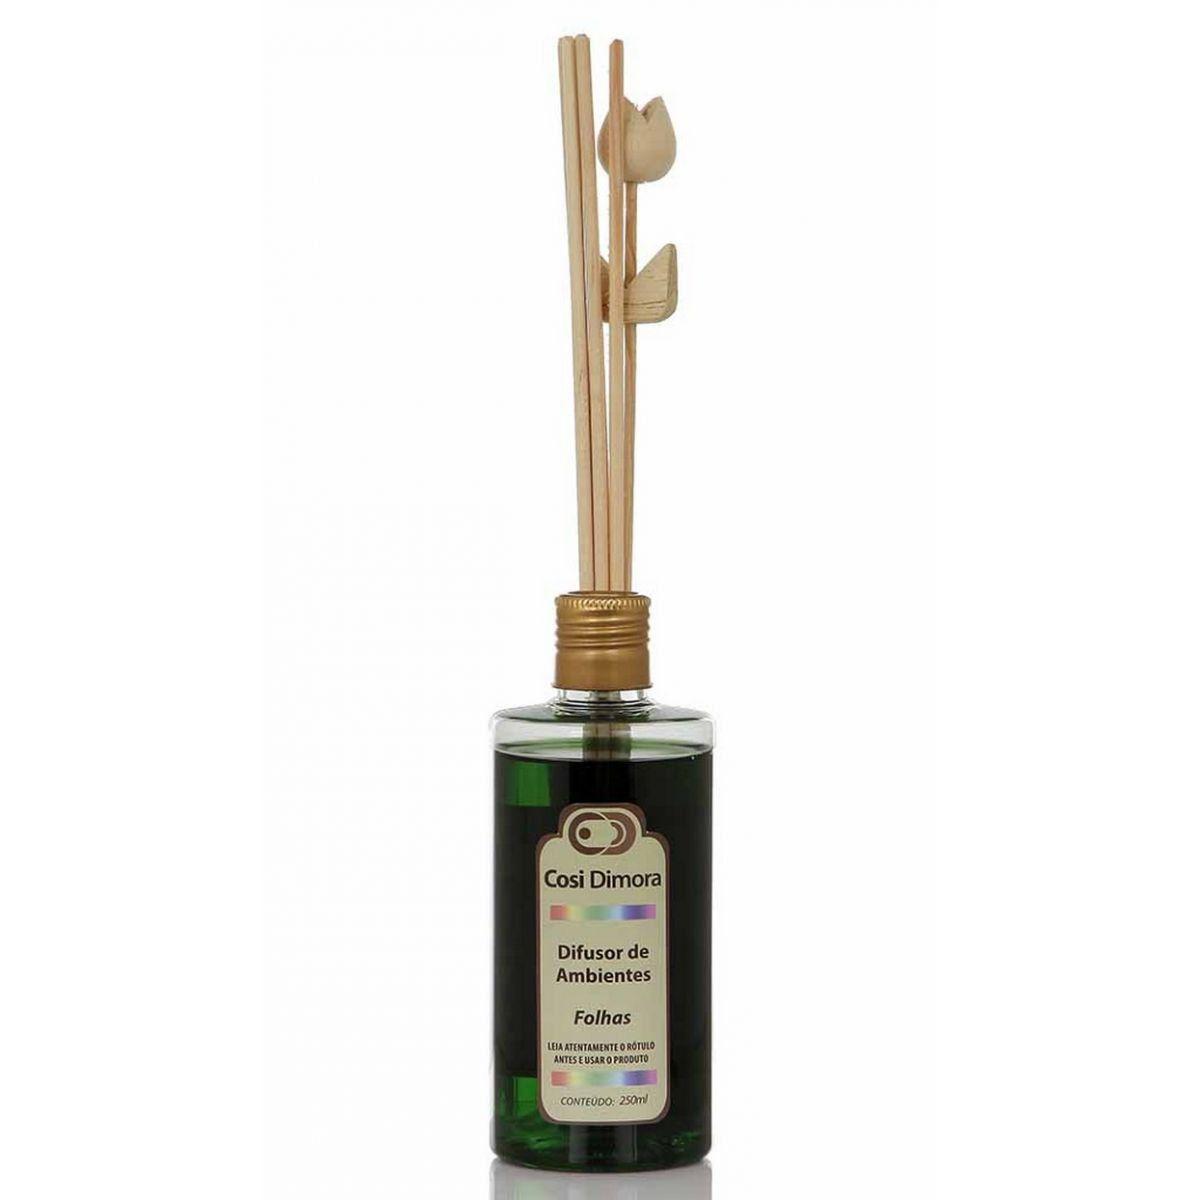 Odorizador com Varetas para Ambientes Folhas Essência Importada 250ml Cosi Dimora